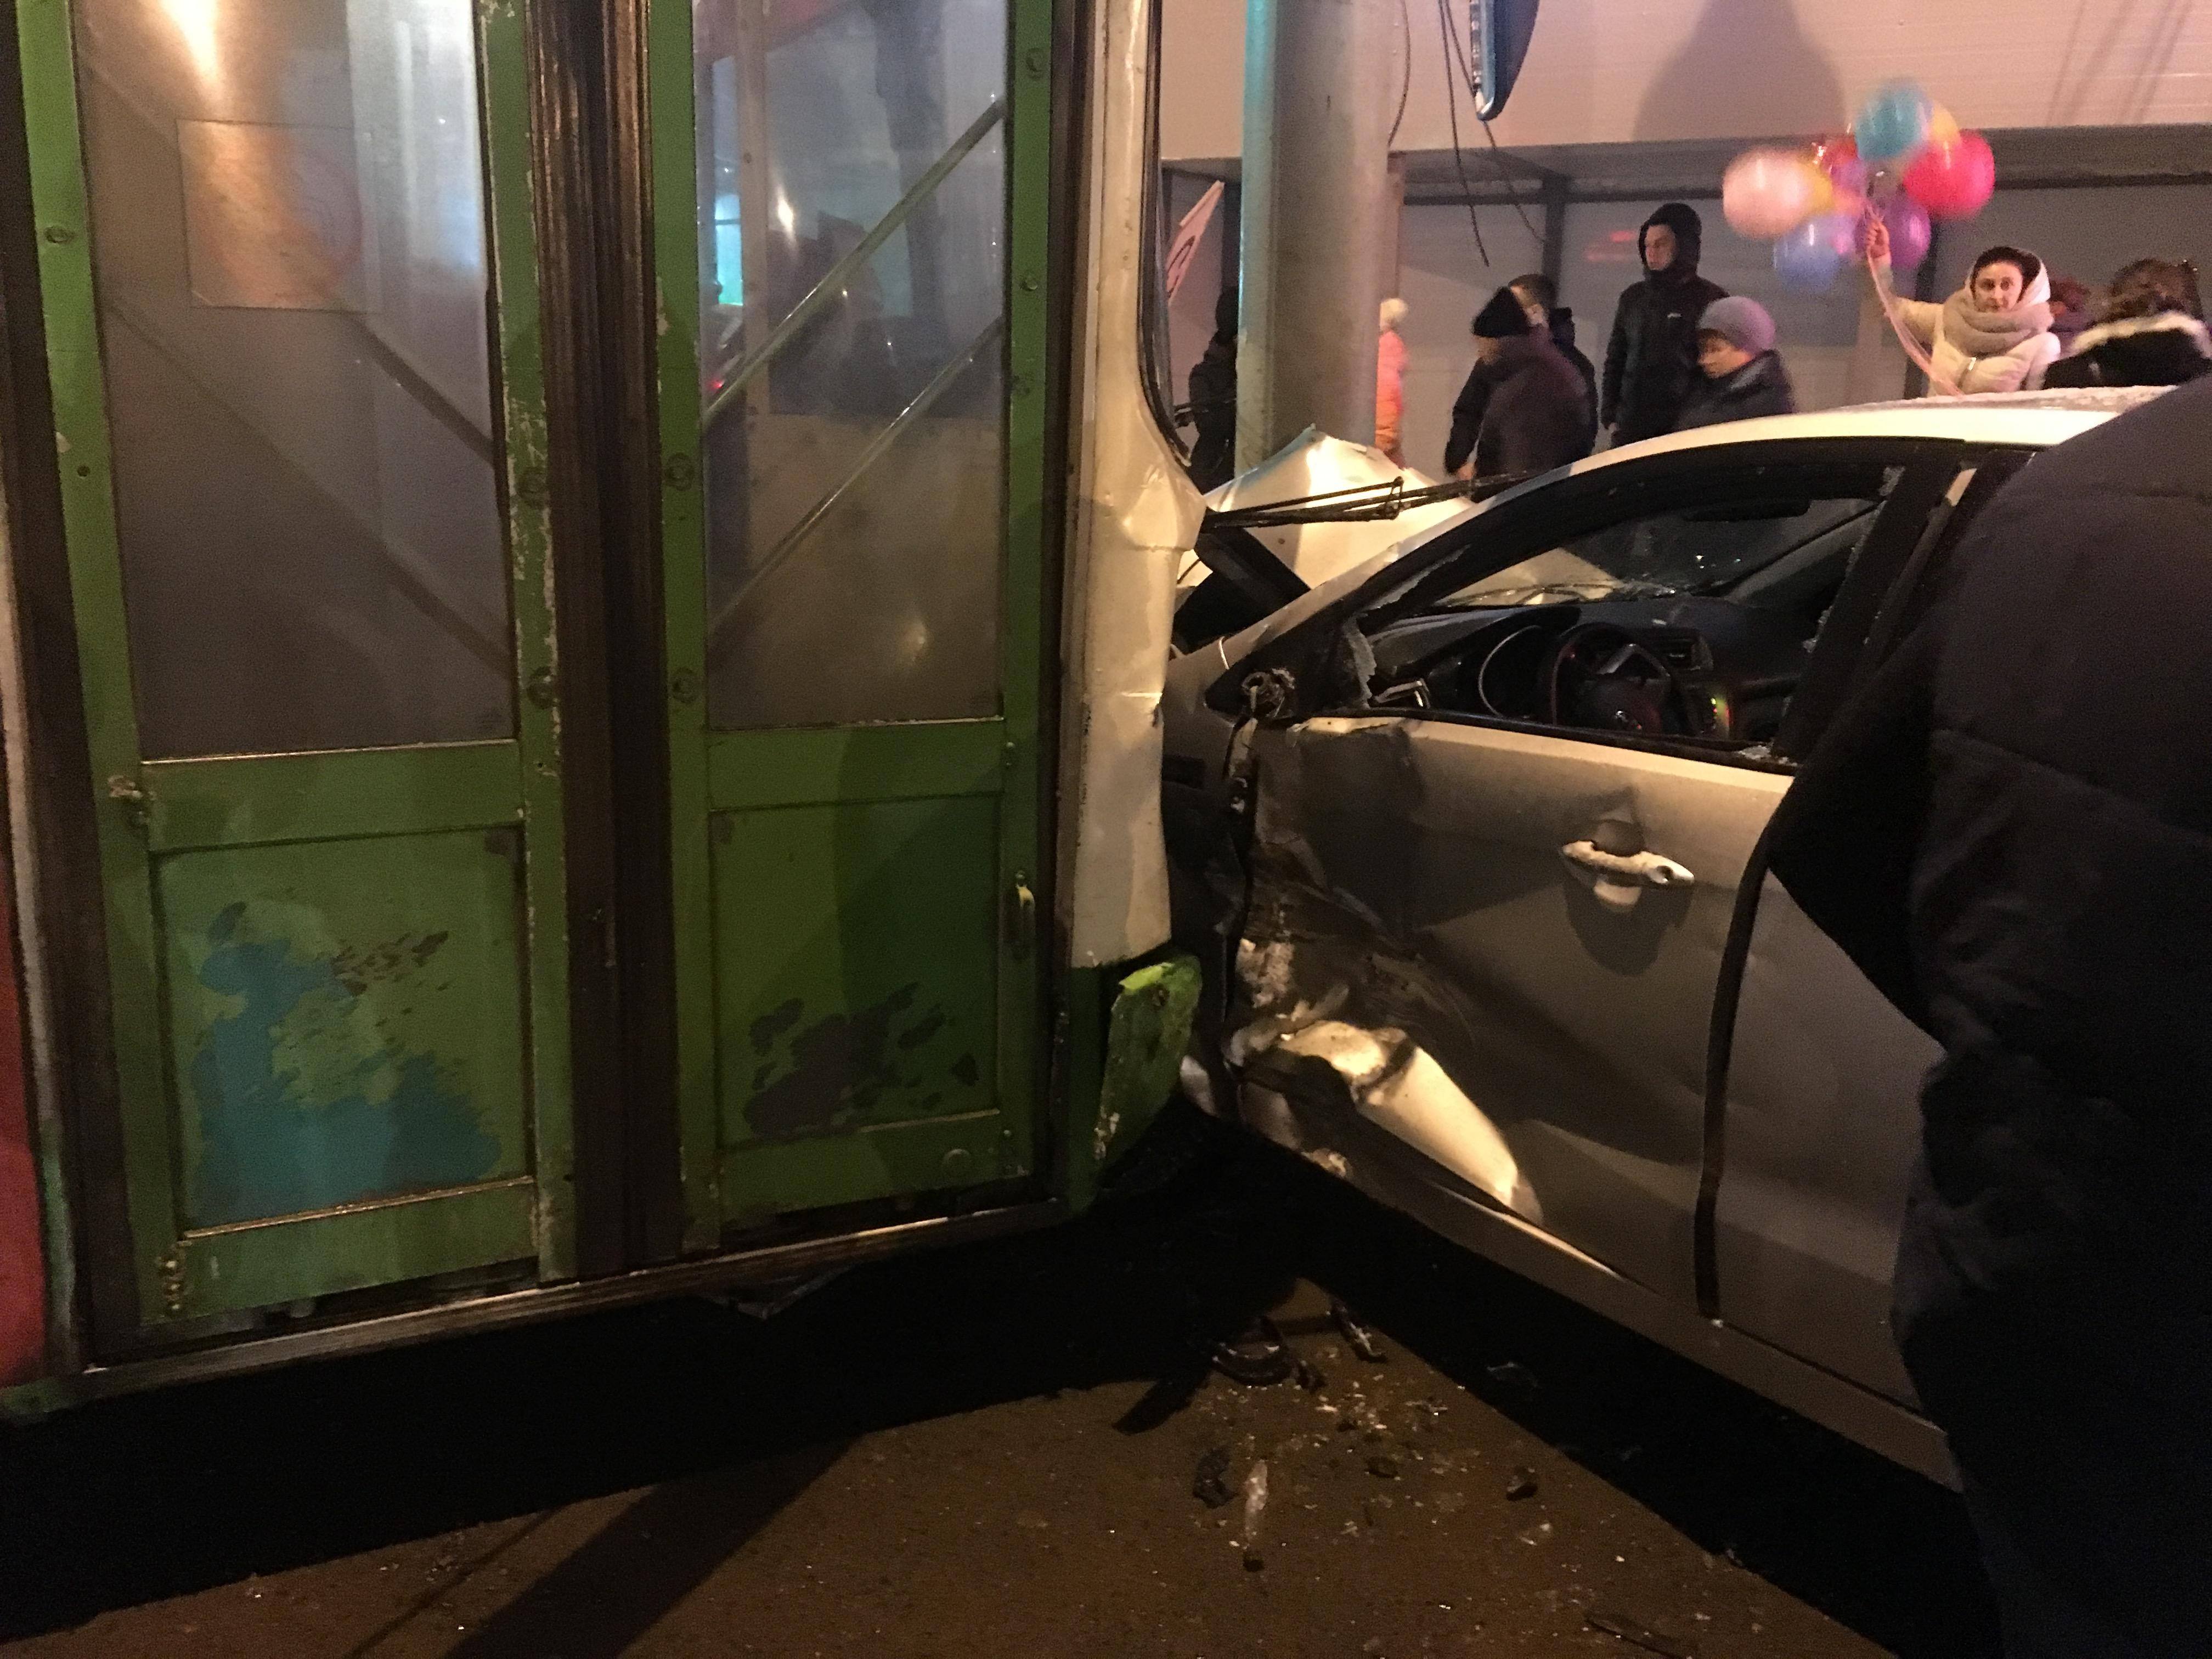 ФОТО и ВИДЕО: В Крестах пассажирский автобус вылетел на встречку и едва не протаранил остановку с людьми